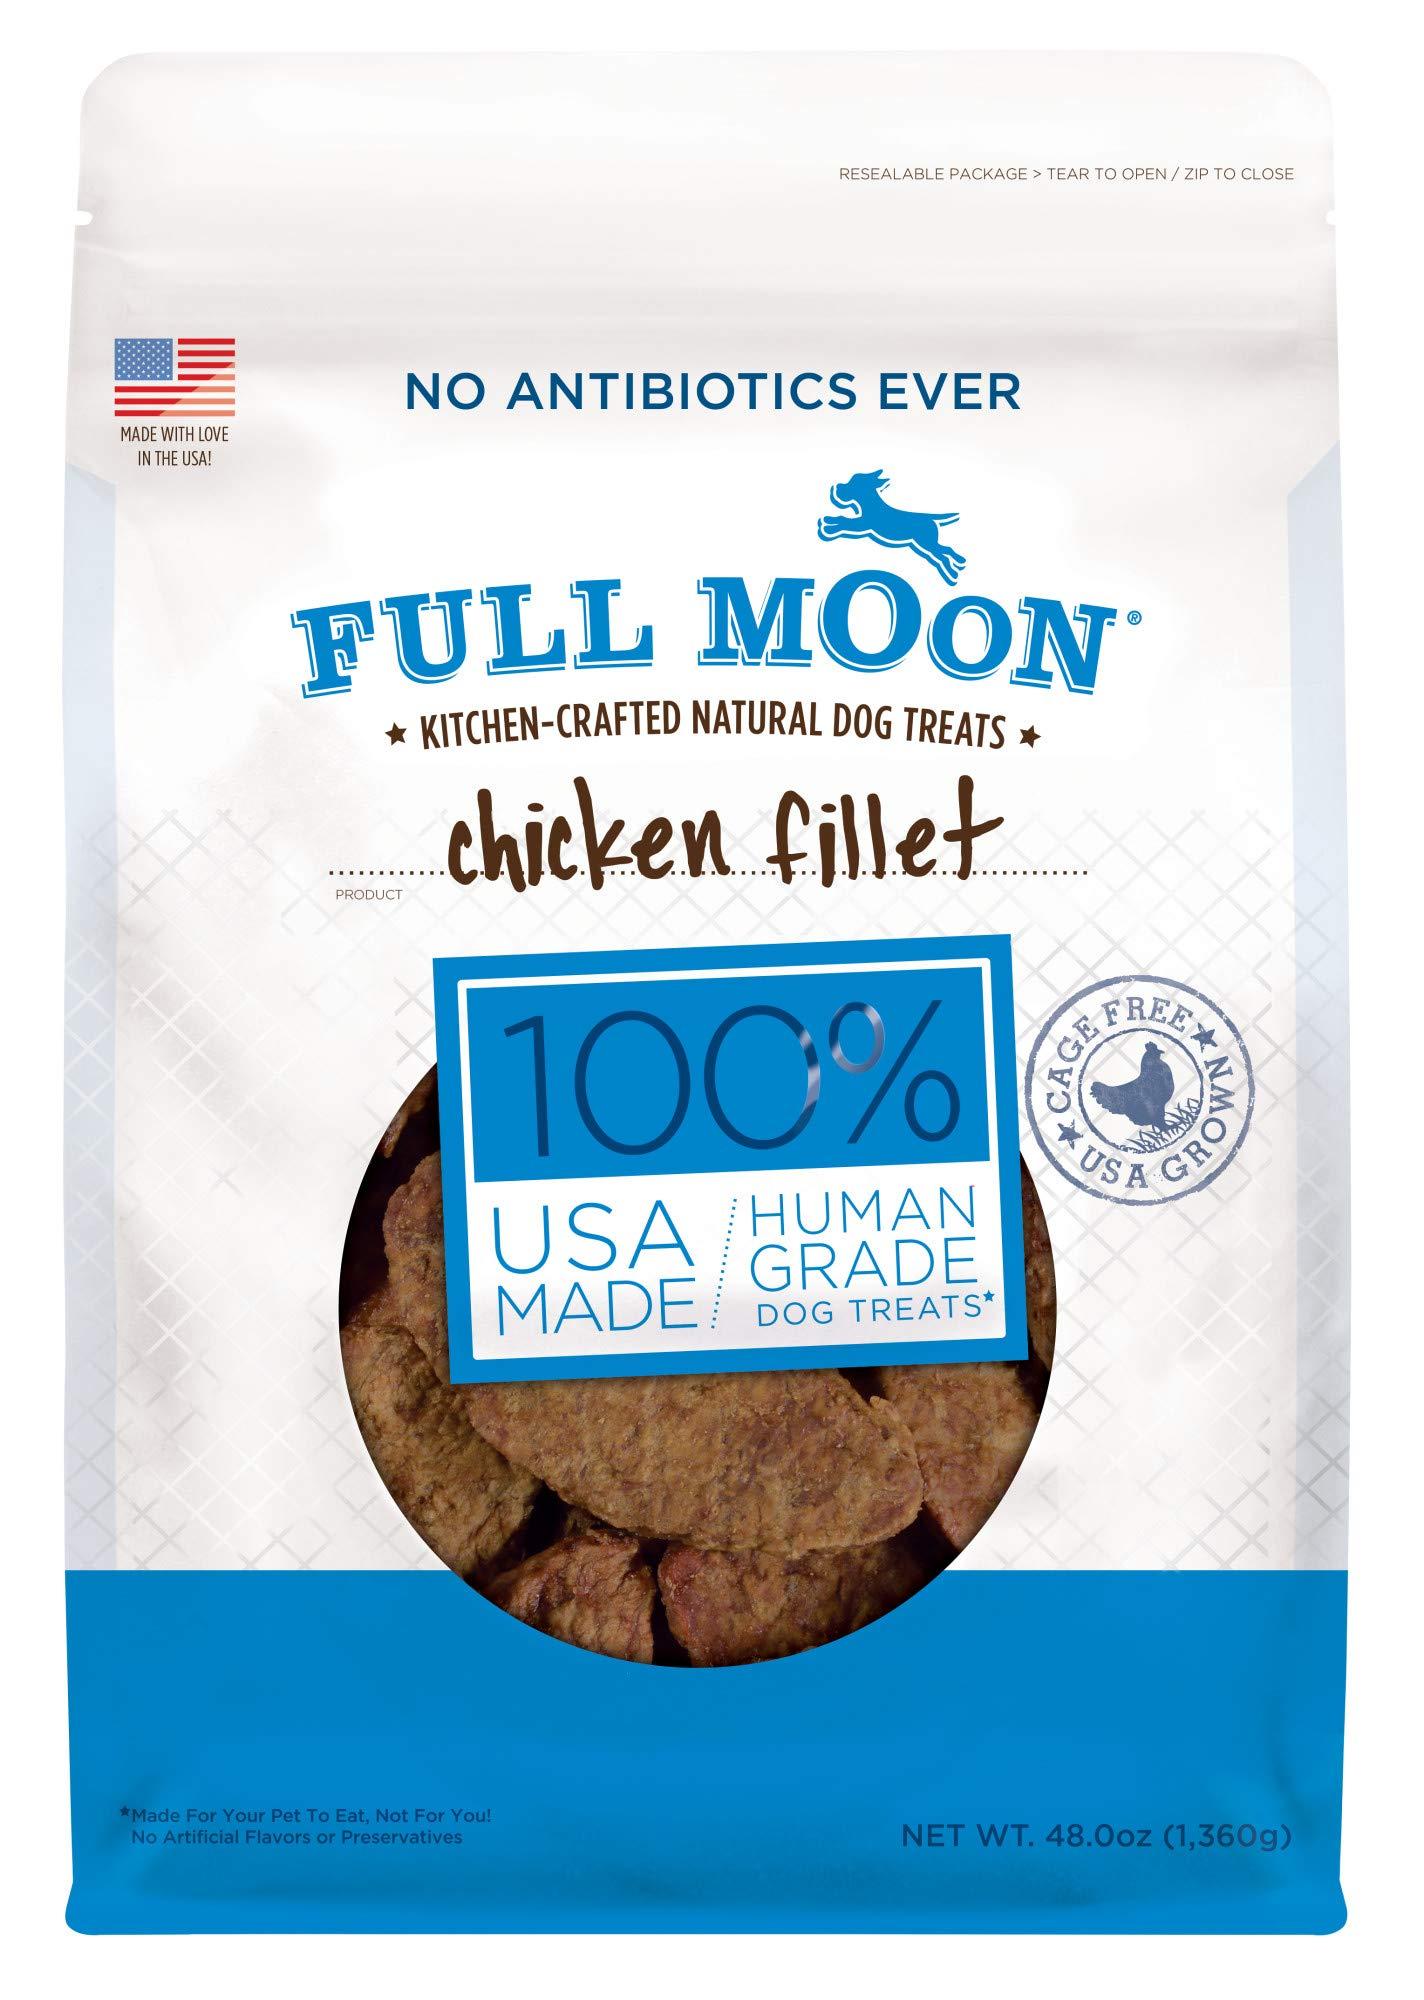 Full Moon All Natural Human Grade Dog Treats, Chicken Fillet, 3 Lb. by Full Moon